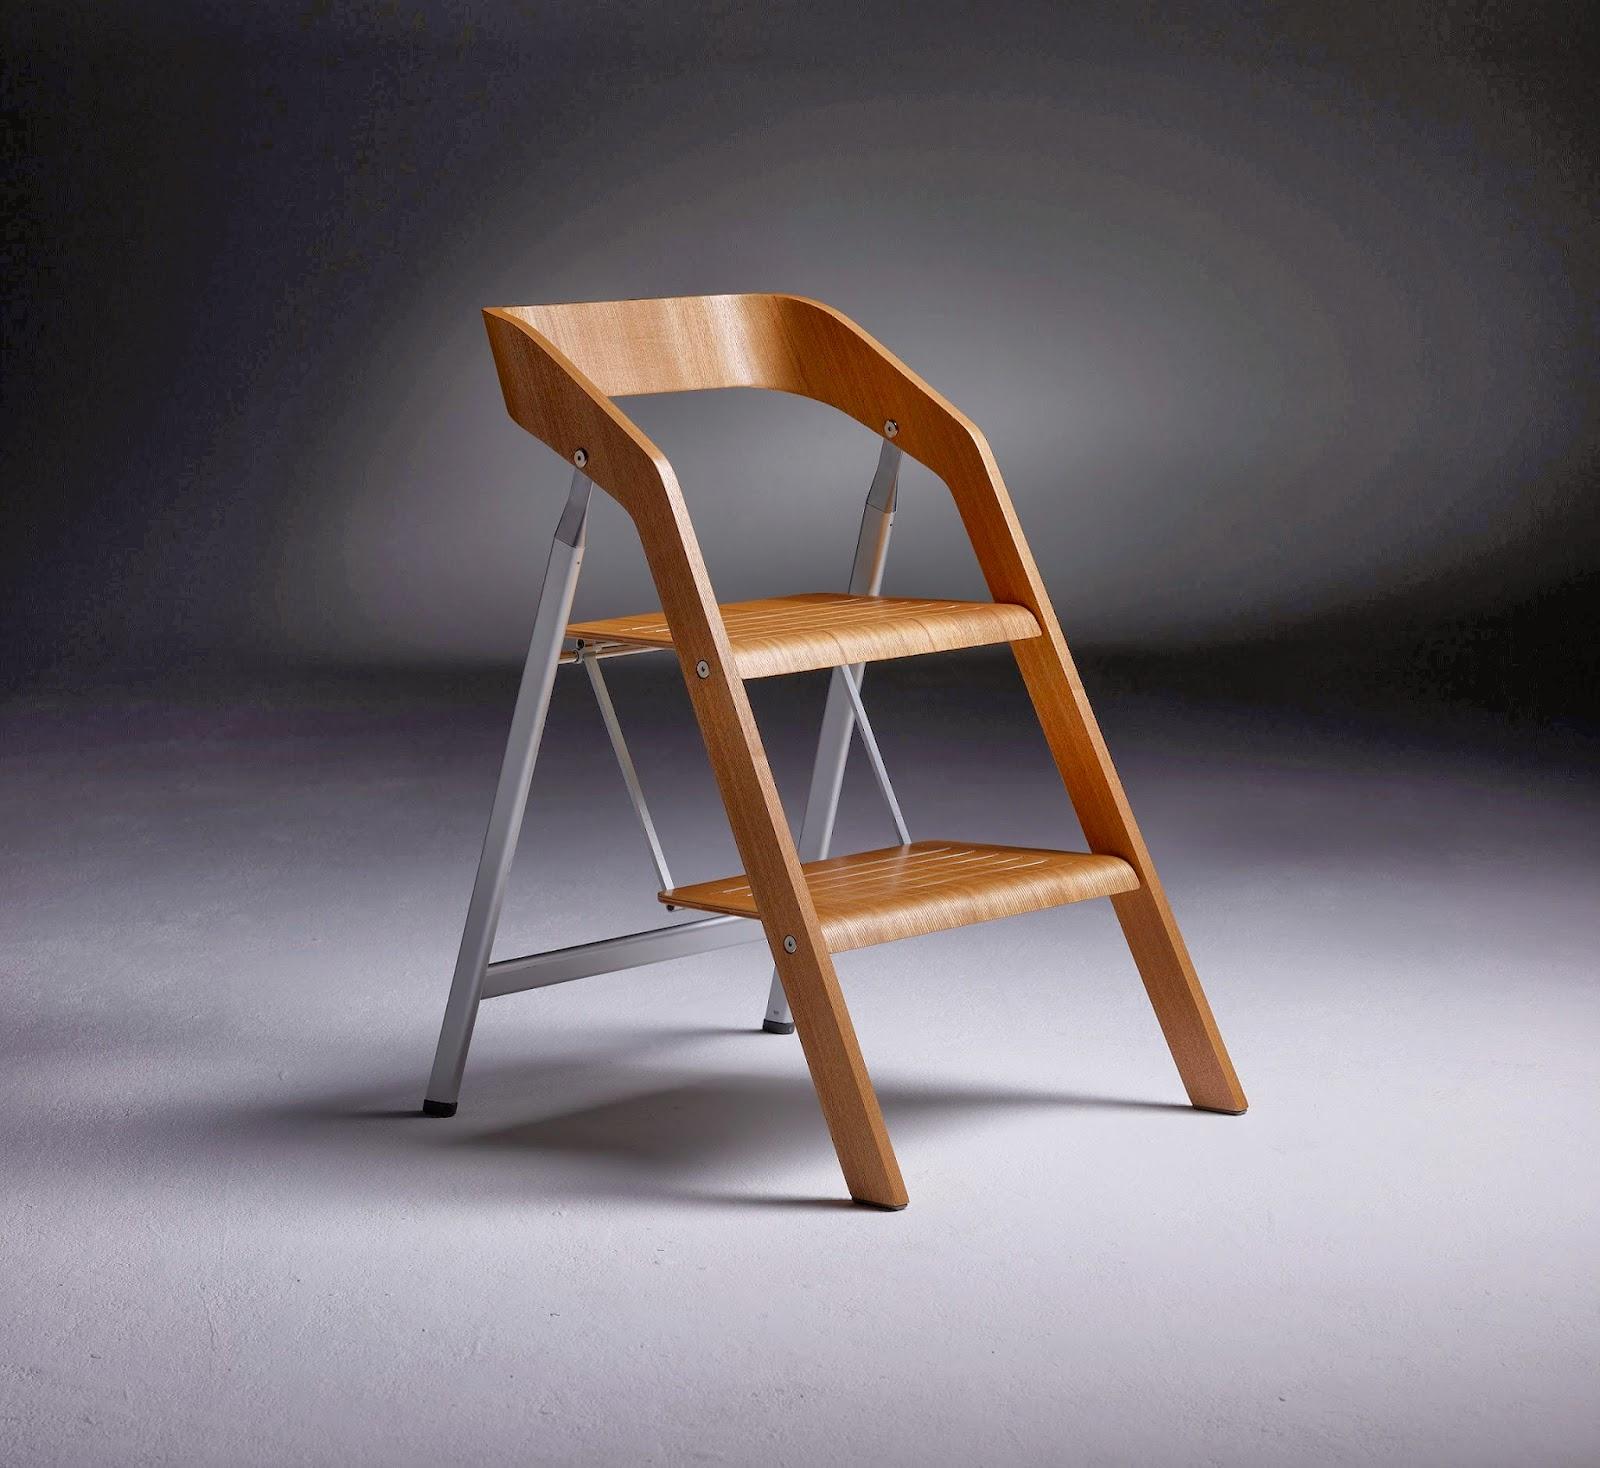 Marzua silla escalera para cualquier estancia for Silla escalera de madera